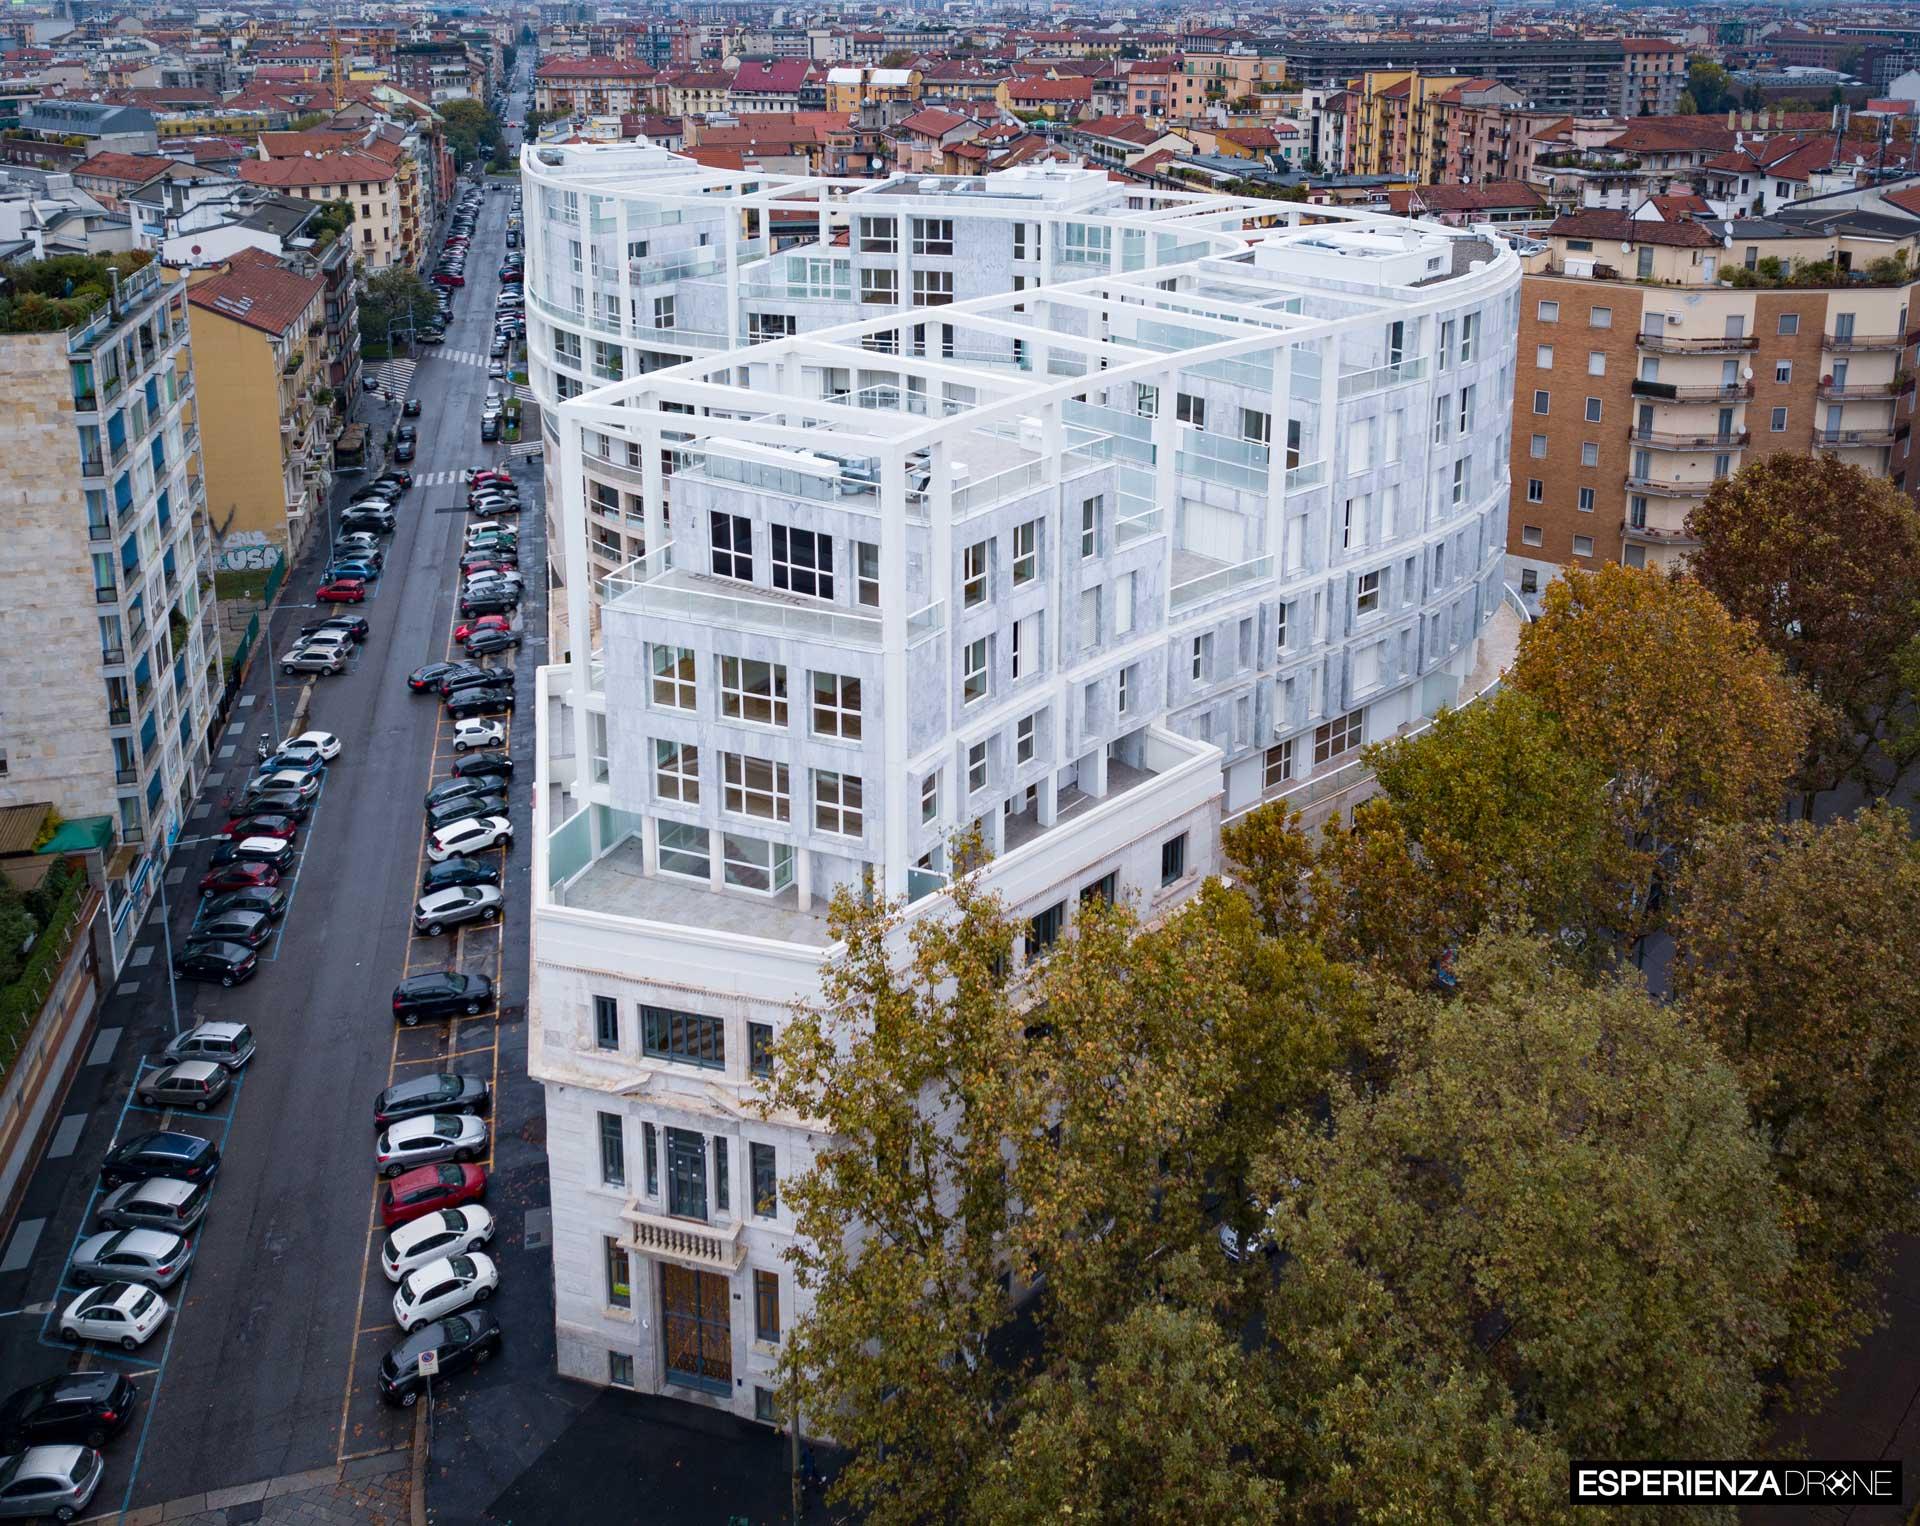 esperienza drone immagine portfolio architettura aerea zenitale diurna milano residenze carlo erba due 1.jpg